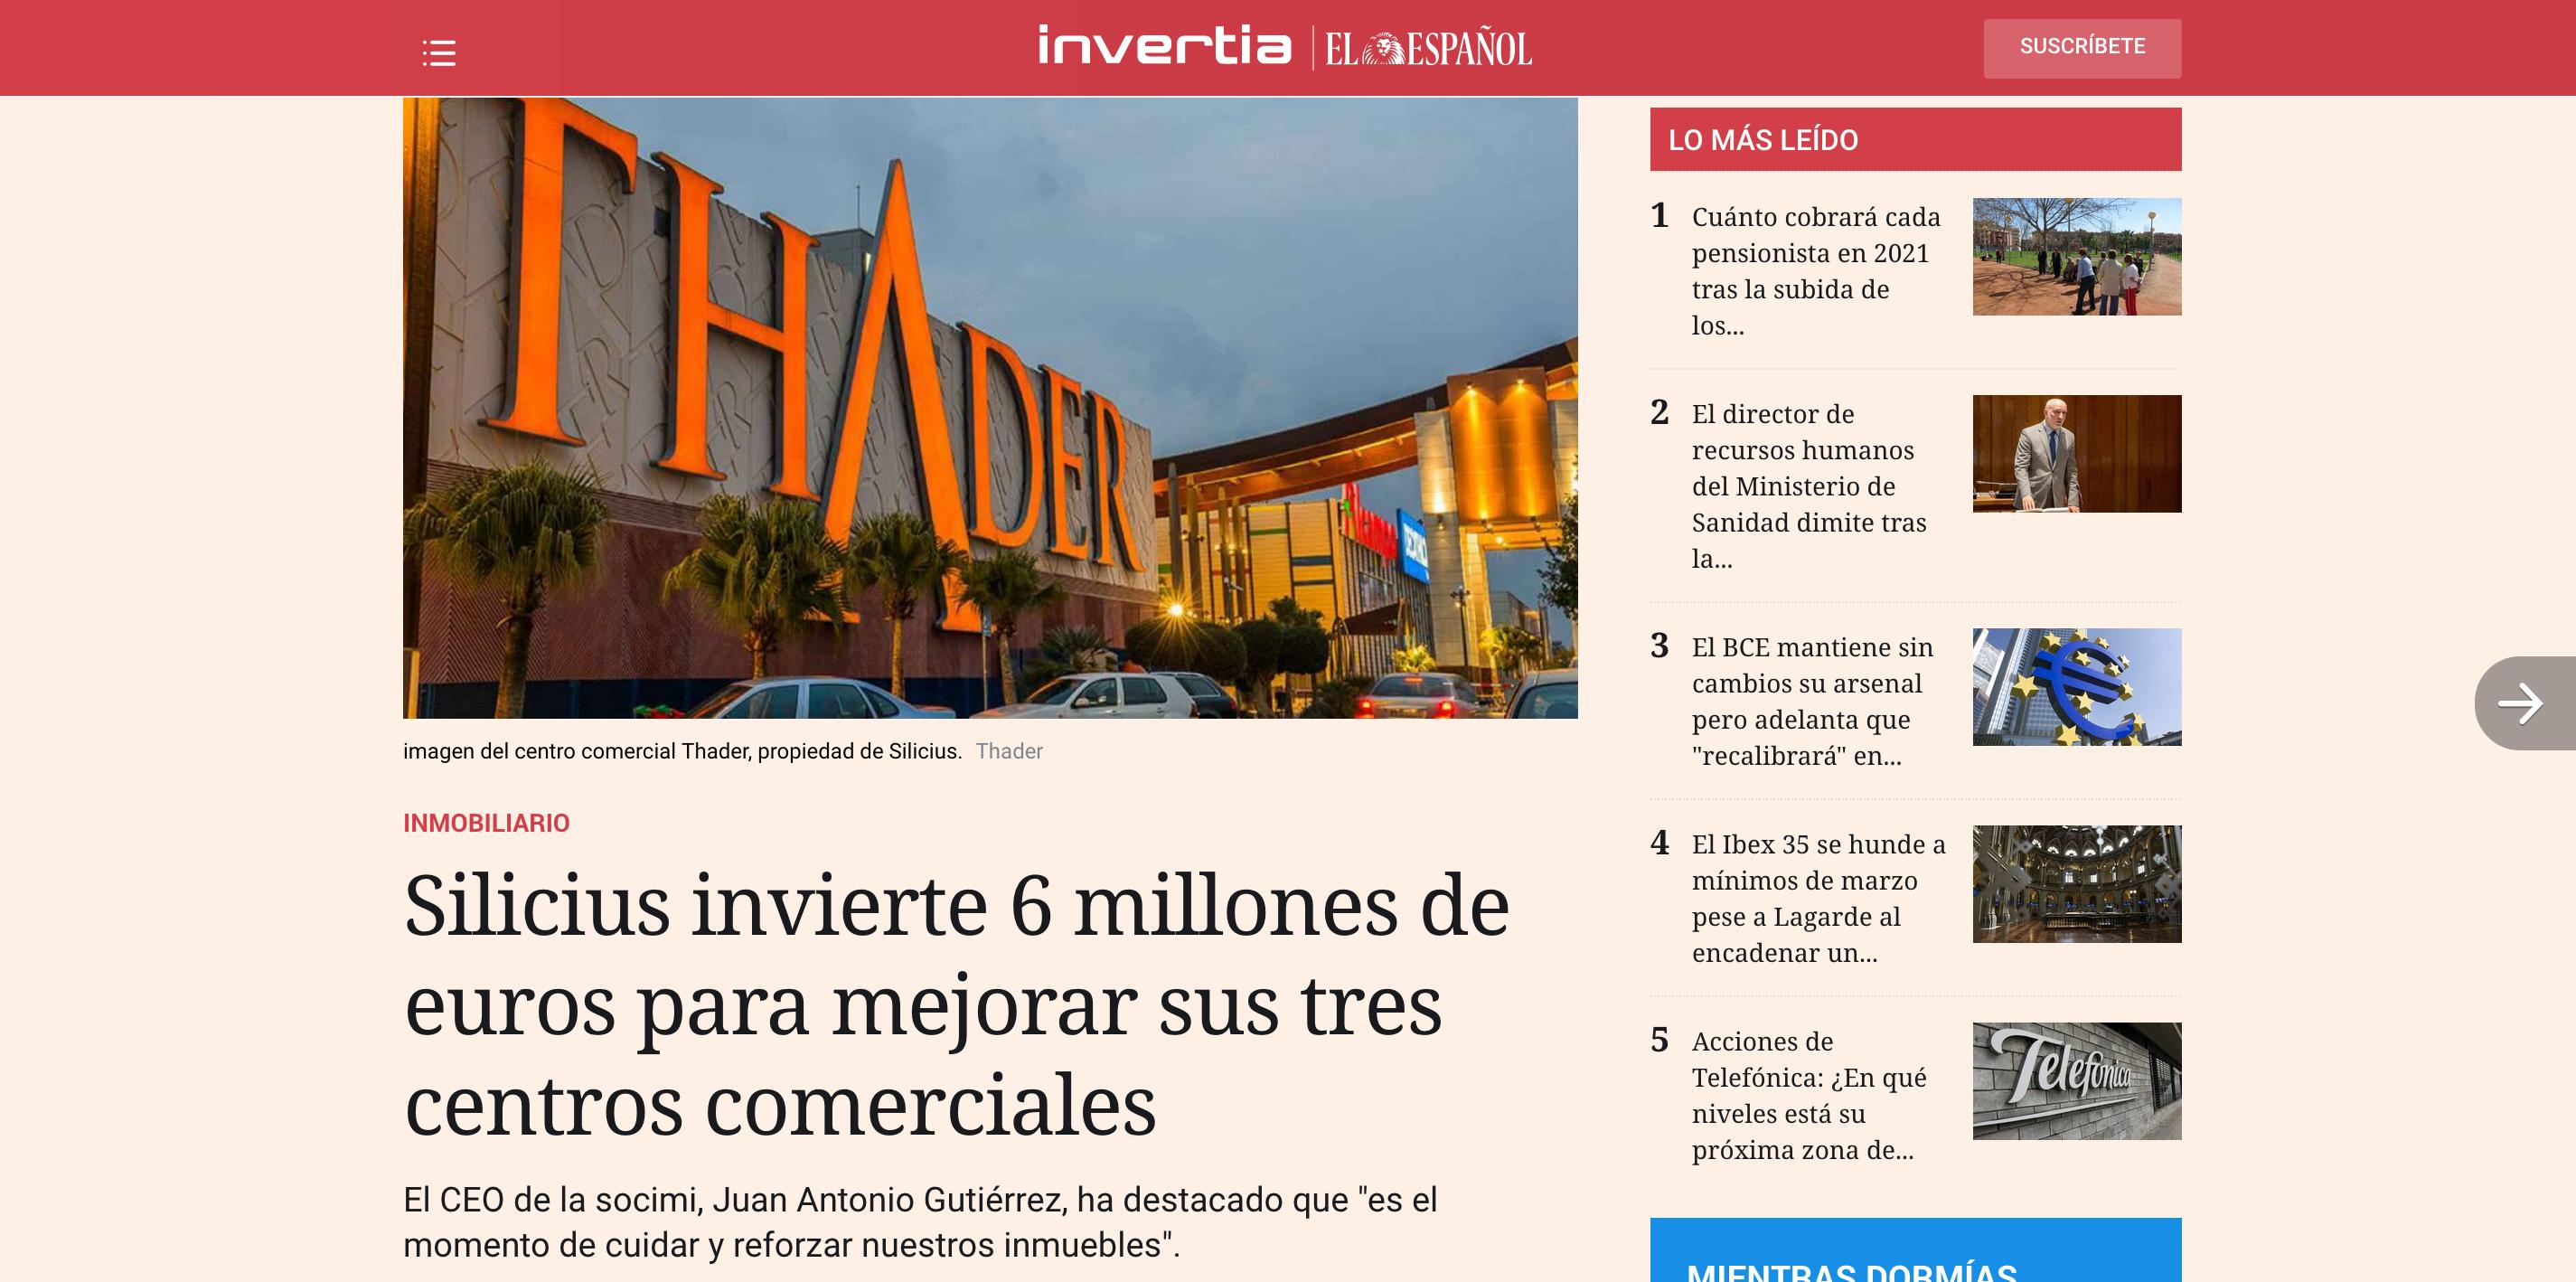 Captura de noticia de El Español